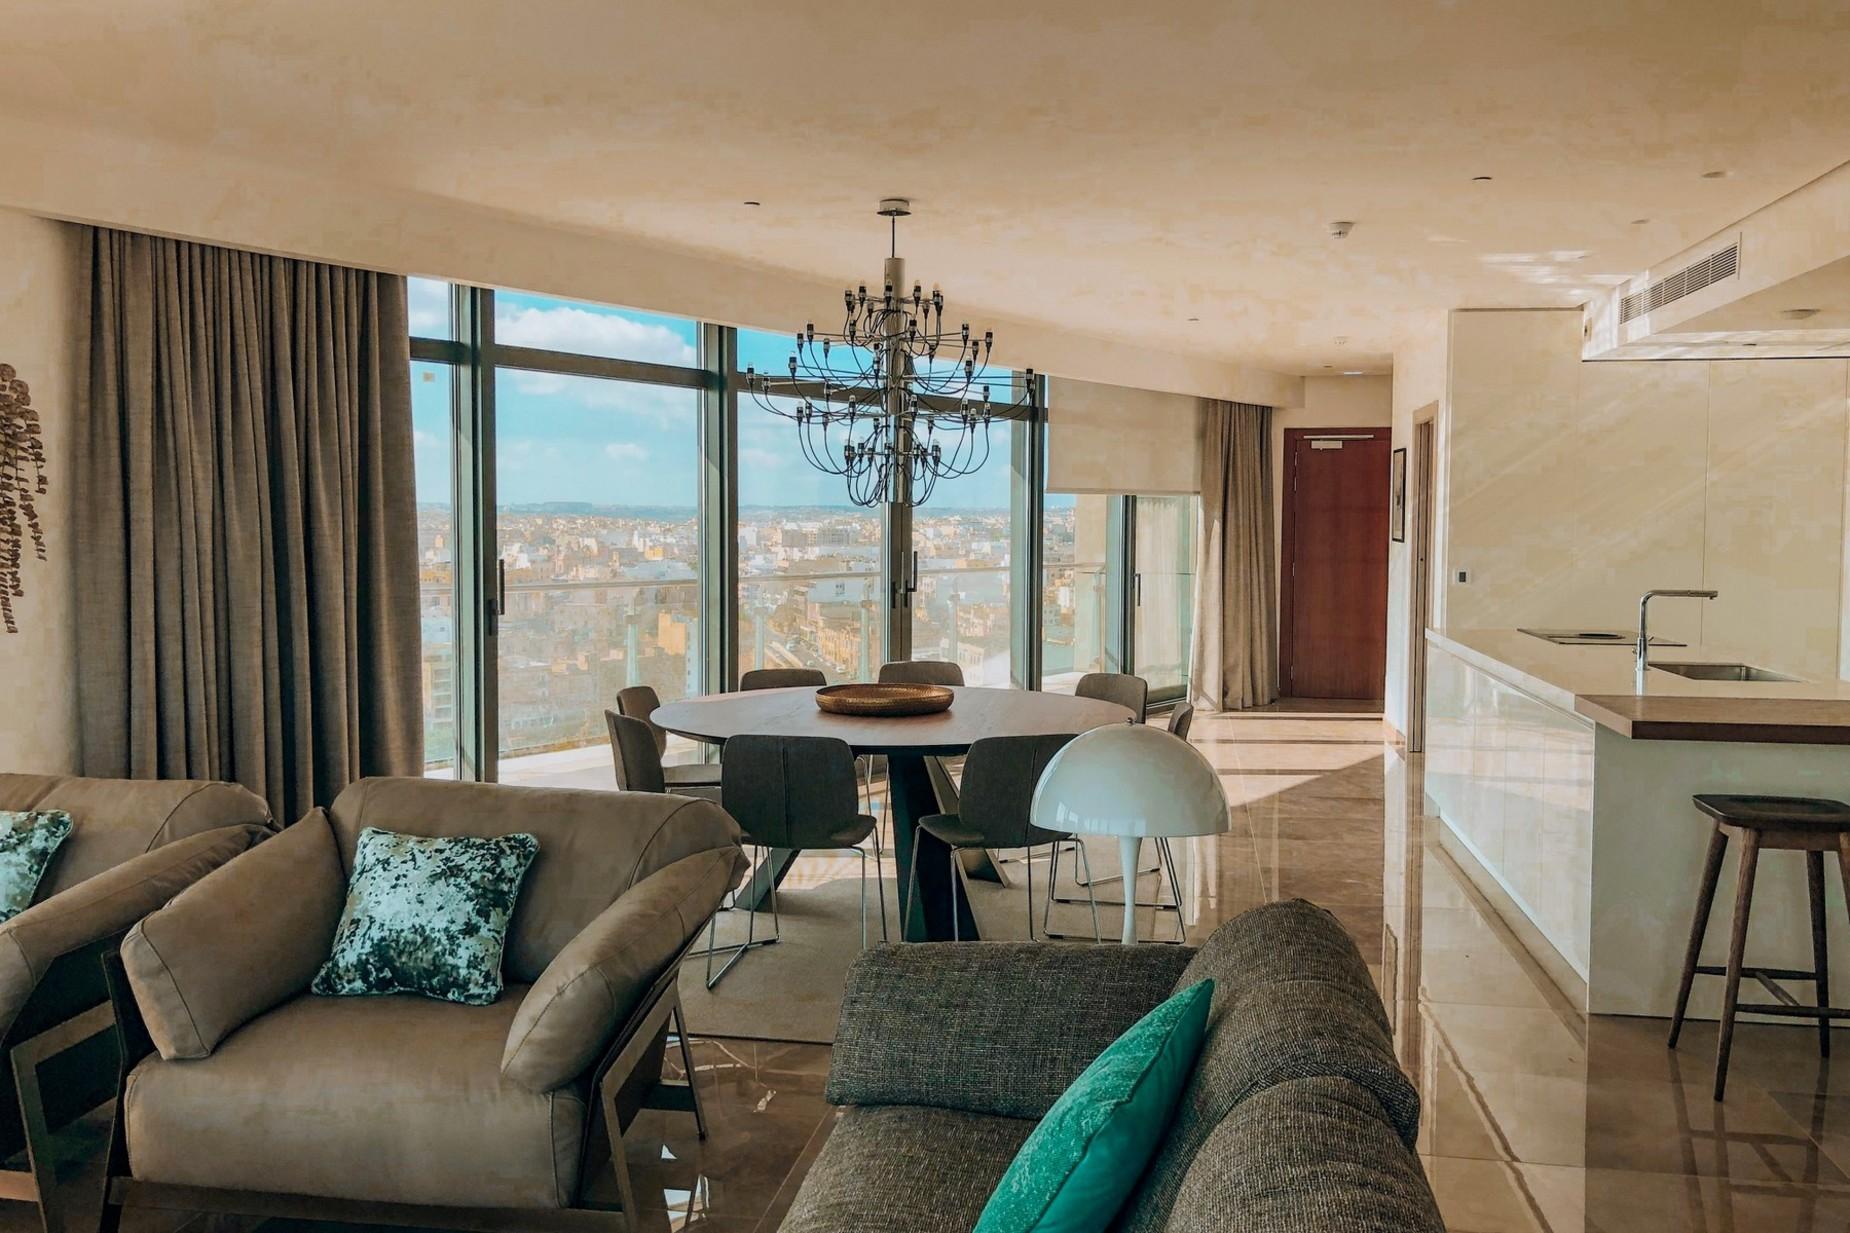 3 bed Apartment For Rent in Gzira, Gzira - thumb 5